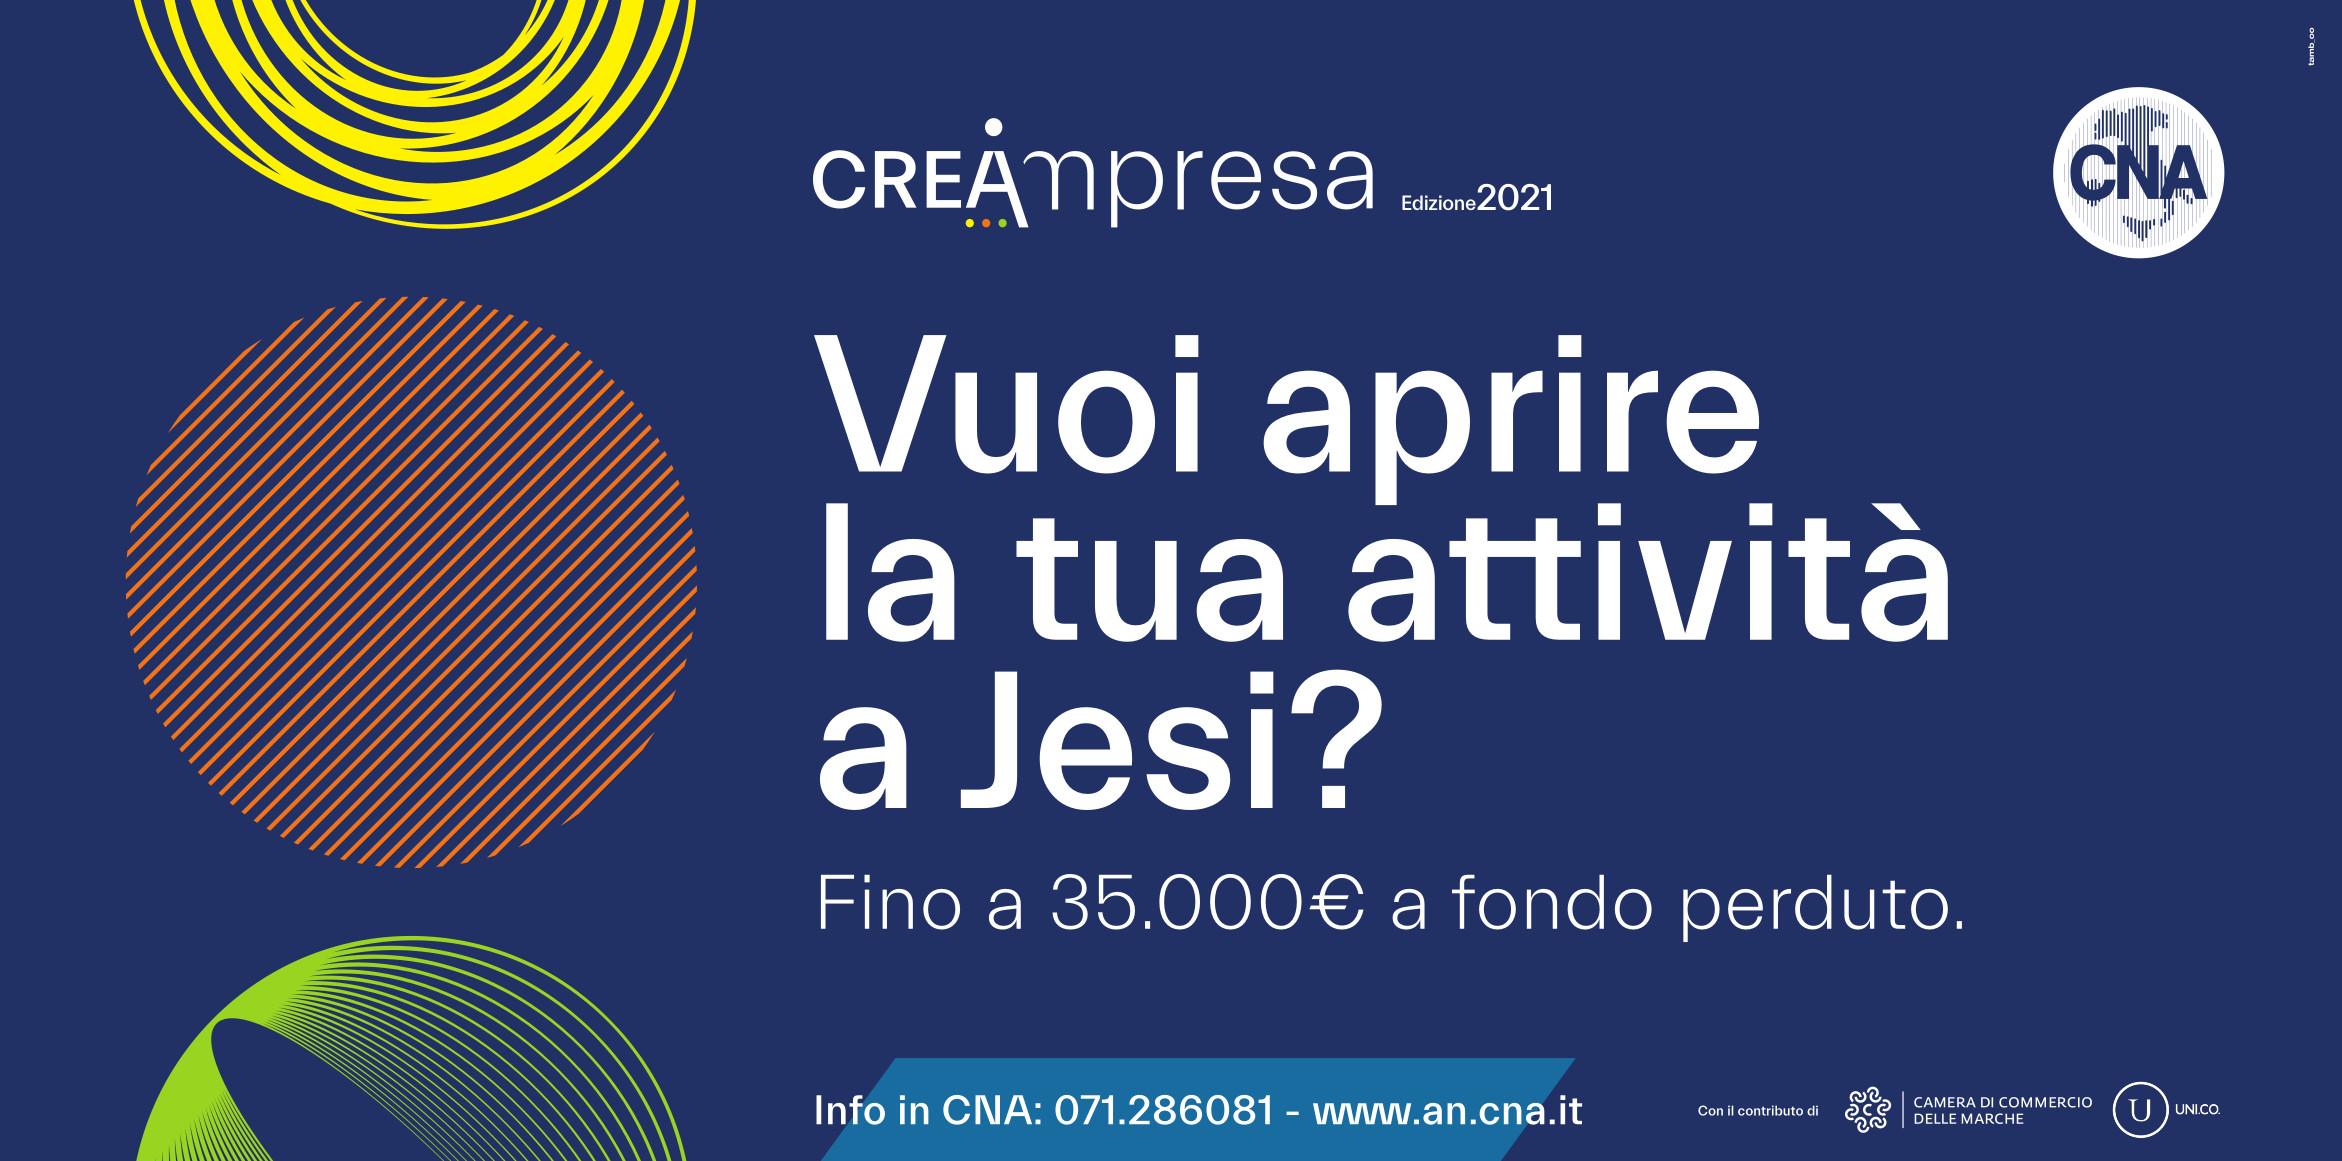 Vuoi aprire un'attività a Jesi o Fabriano? Richiedi il Fondo Perduto della Regione!